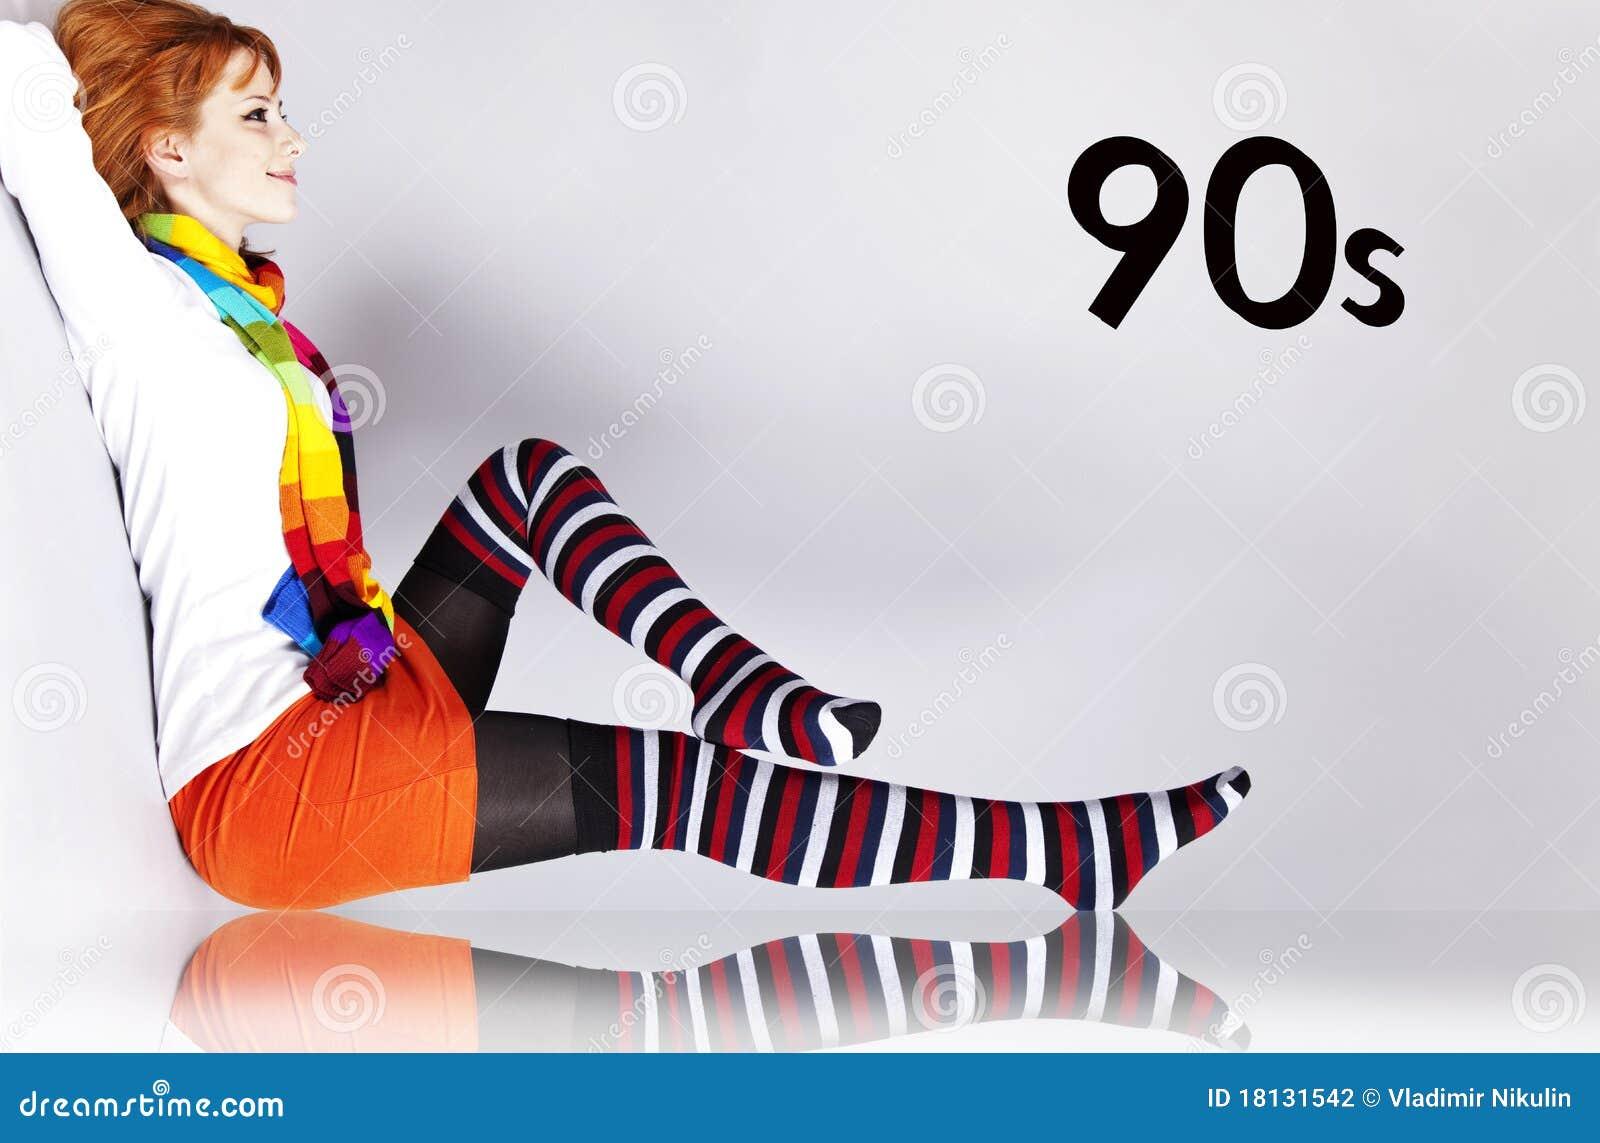 Κοκκινομάλλες κορίτσι στο ύφος χρώματος της δεκαετίας του  90.